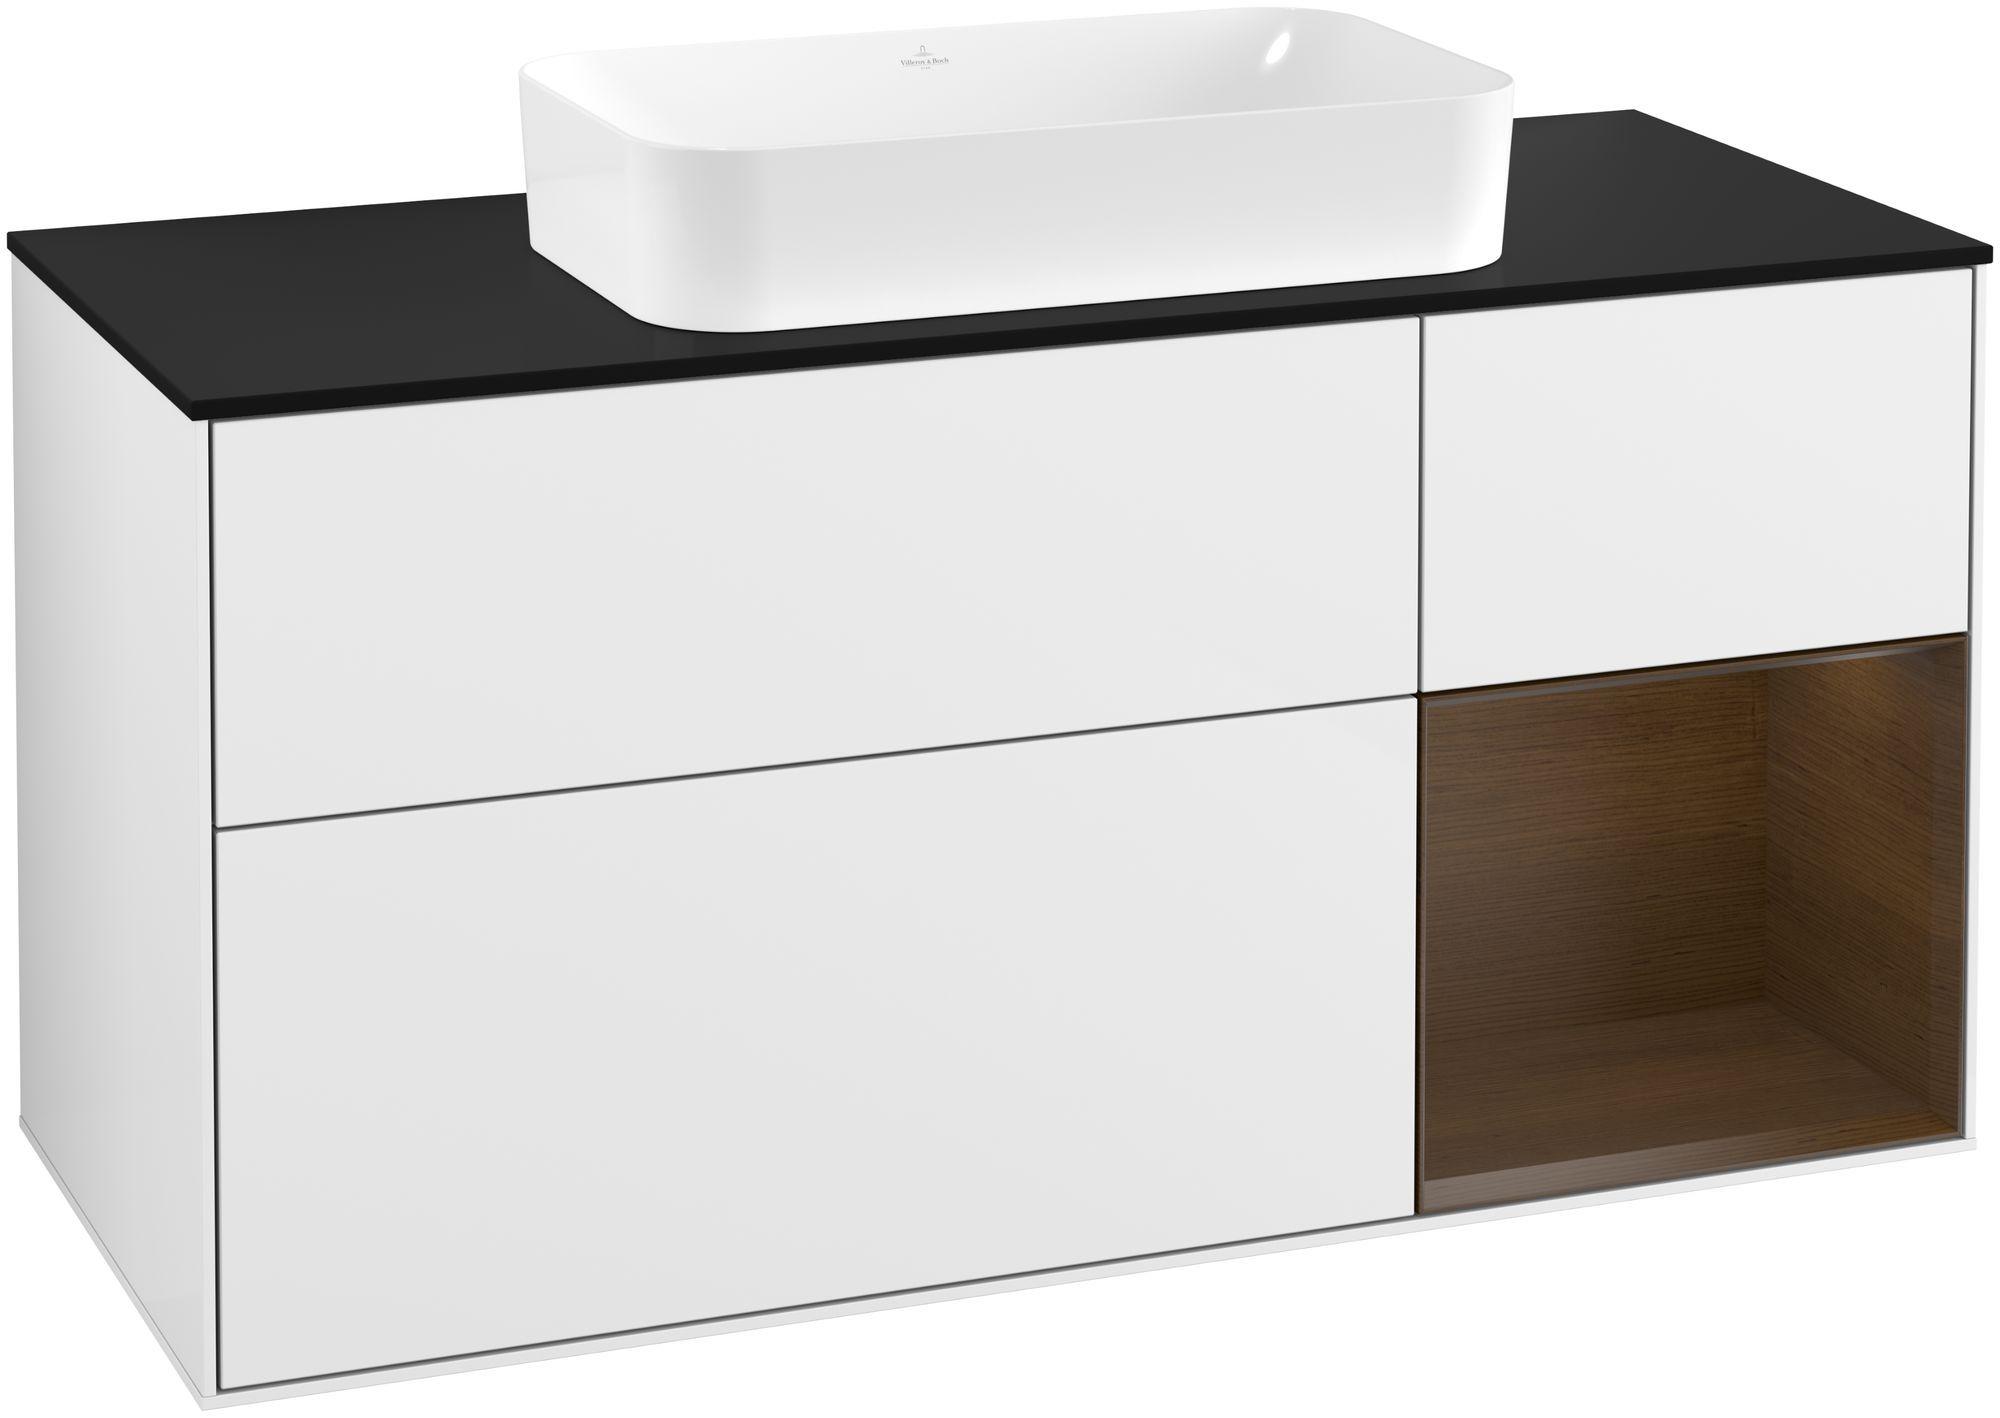 Villeroy & Boch Finion F30 Waschtischunterschrank mit Regalelement 3 Auszüge Waschtisch mittig LED-Beleuchtung B:120xH:60,3xT:50,1cm Front, Korpus: Glossy White Lack, Regal: Walnut Veneer, Glasplatte: Black Matt F302GNGF